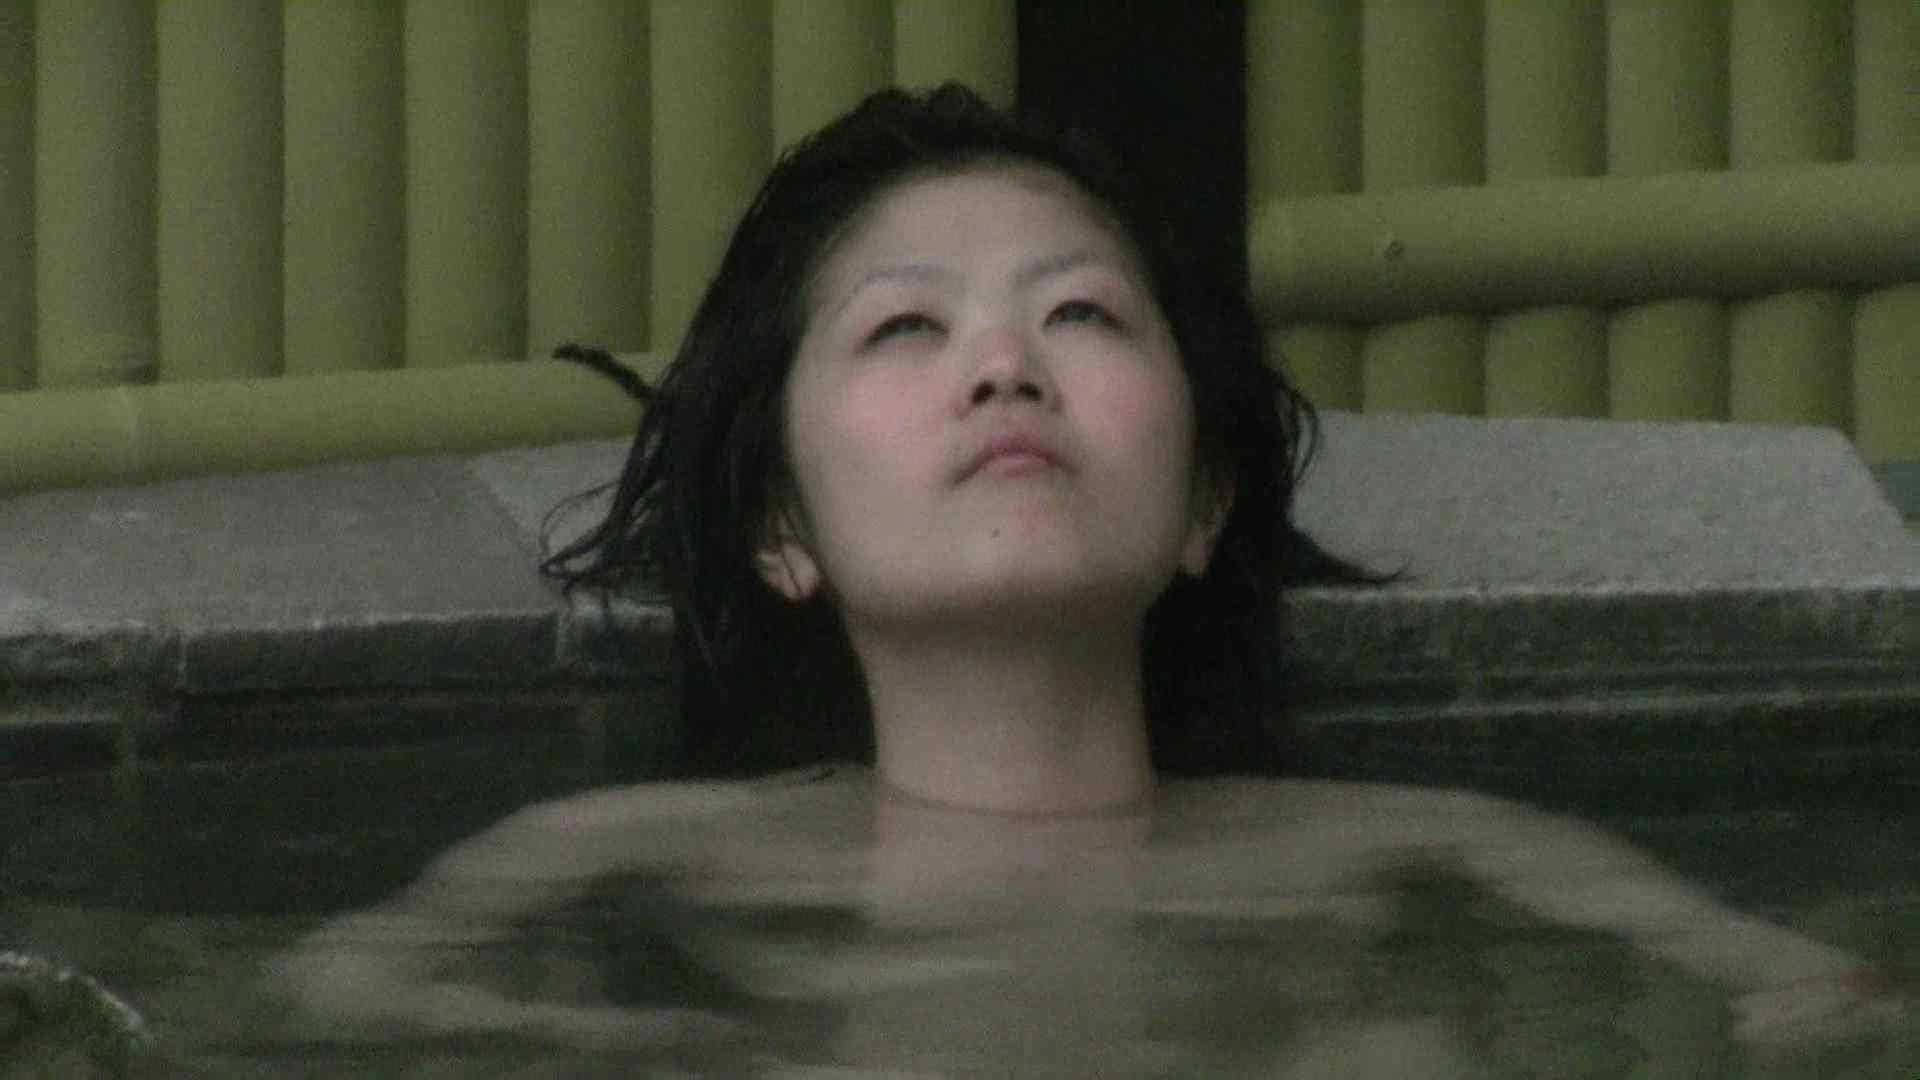 Aquaな露天風呂Vol.538 OLのエロ生活  90連発 15